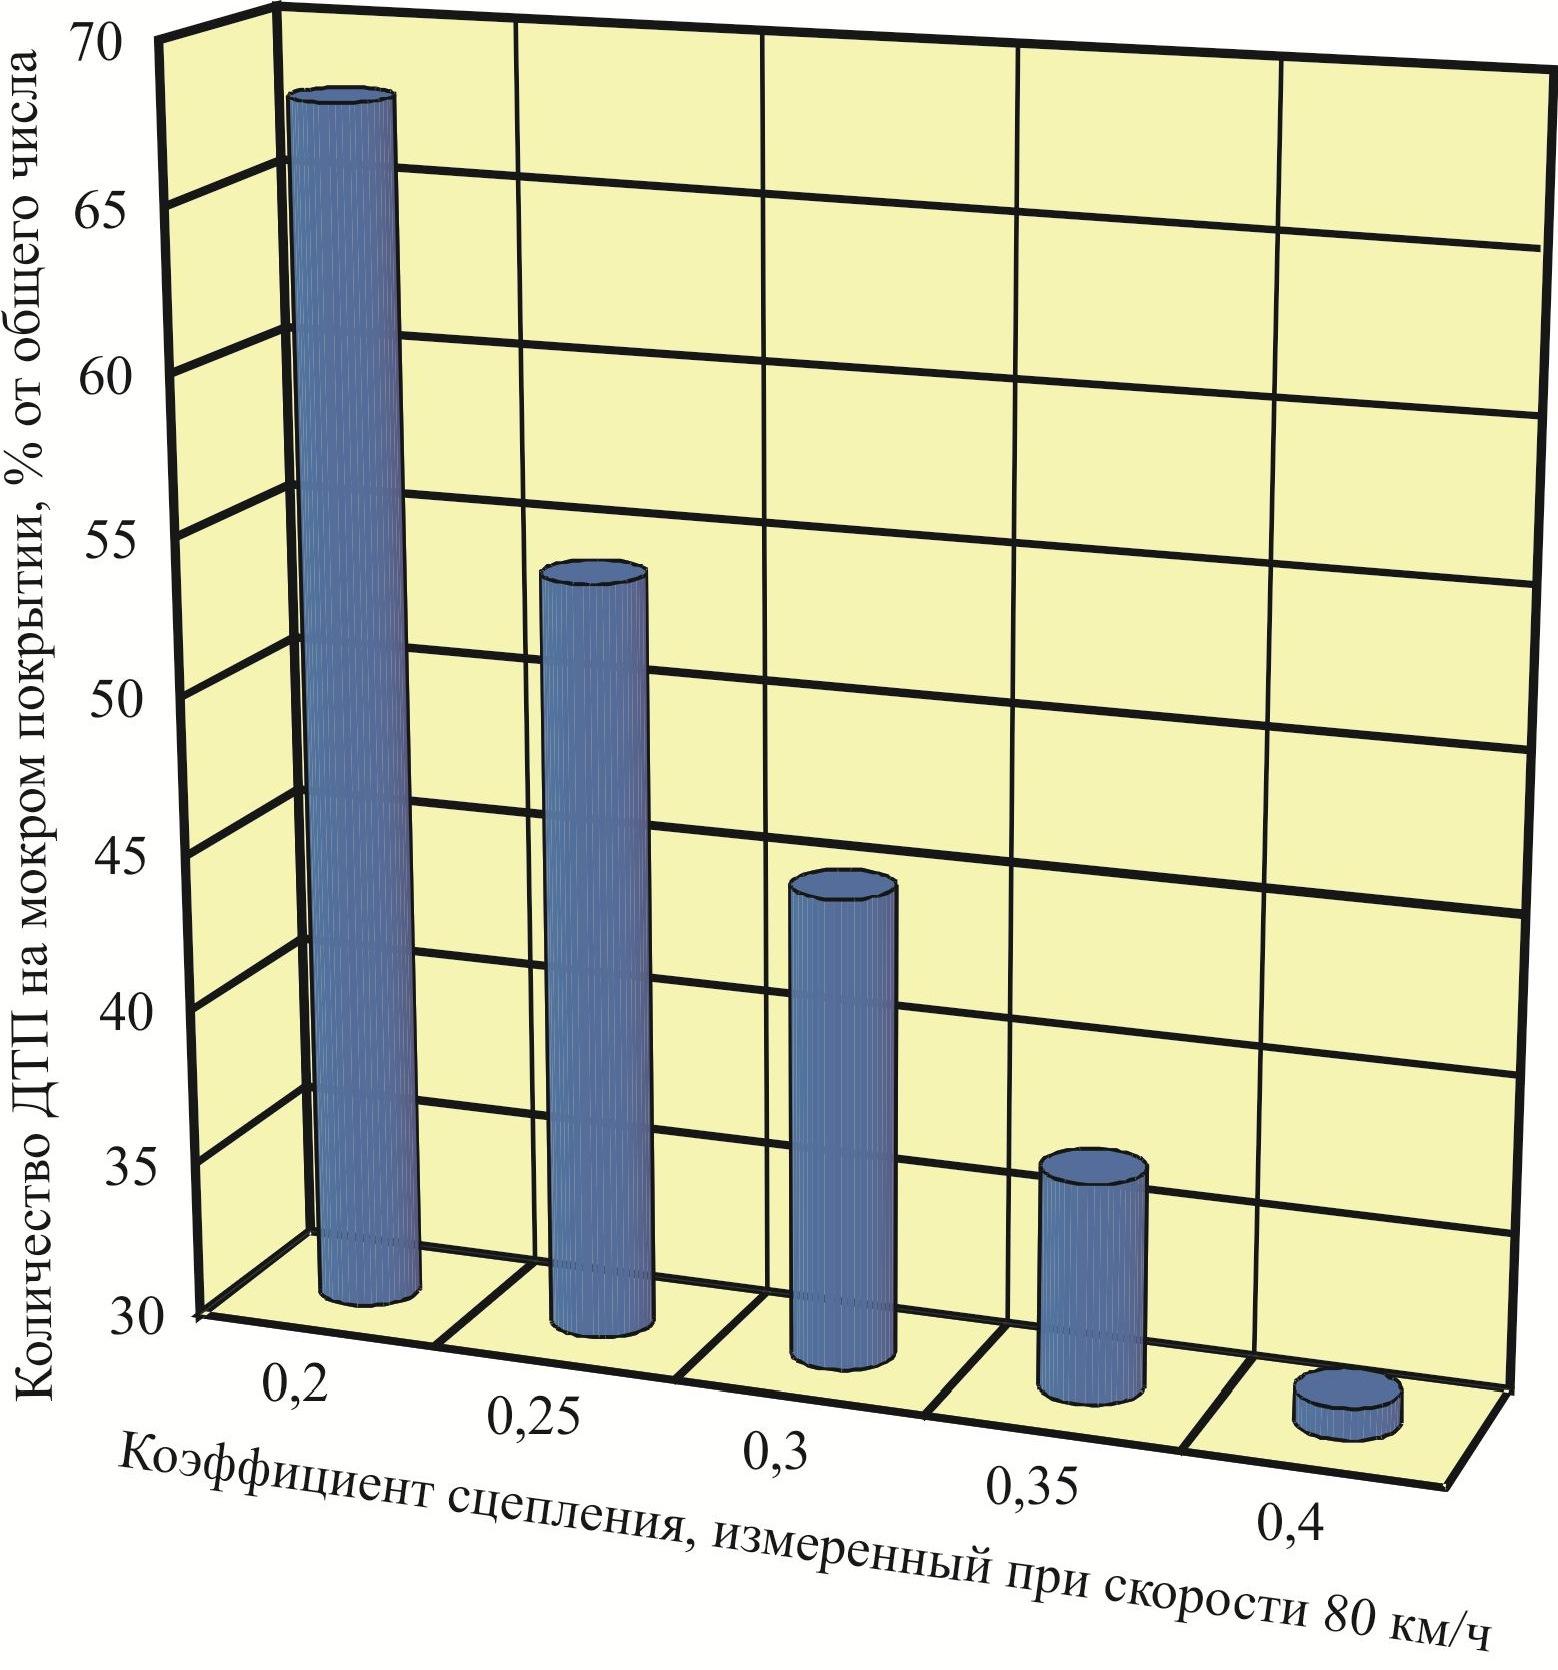 Зависимость количества ДТП на мокрых покрытиях от величины коэффициента сцепления